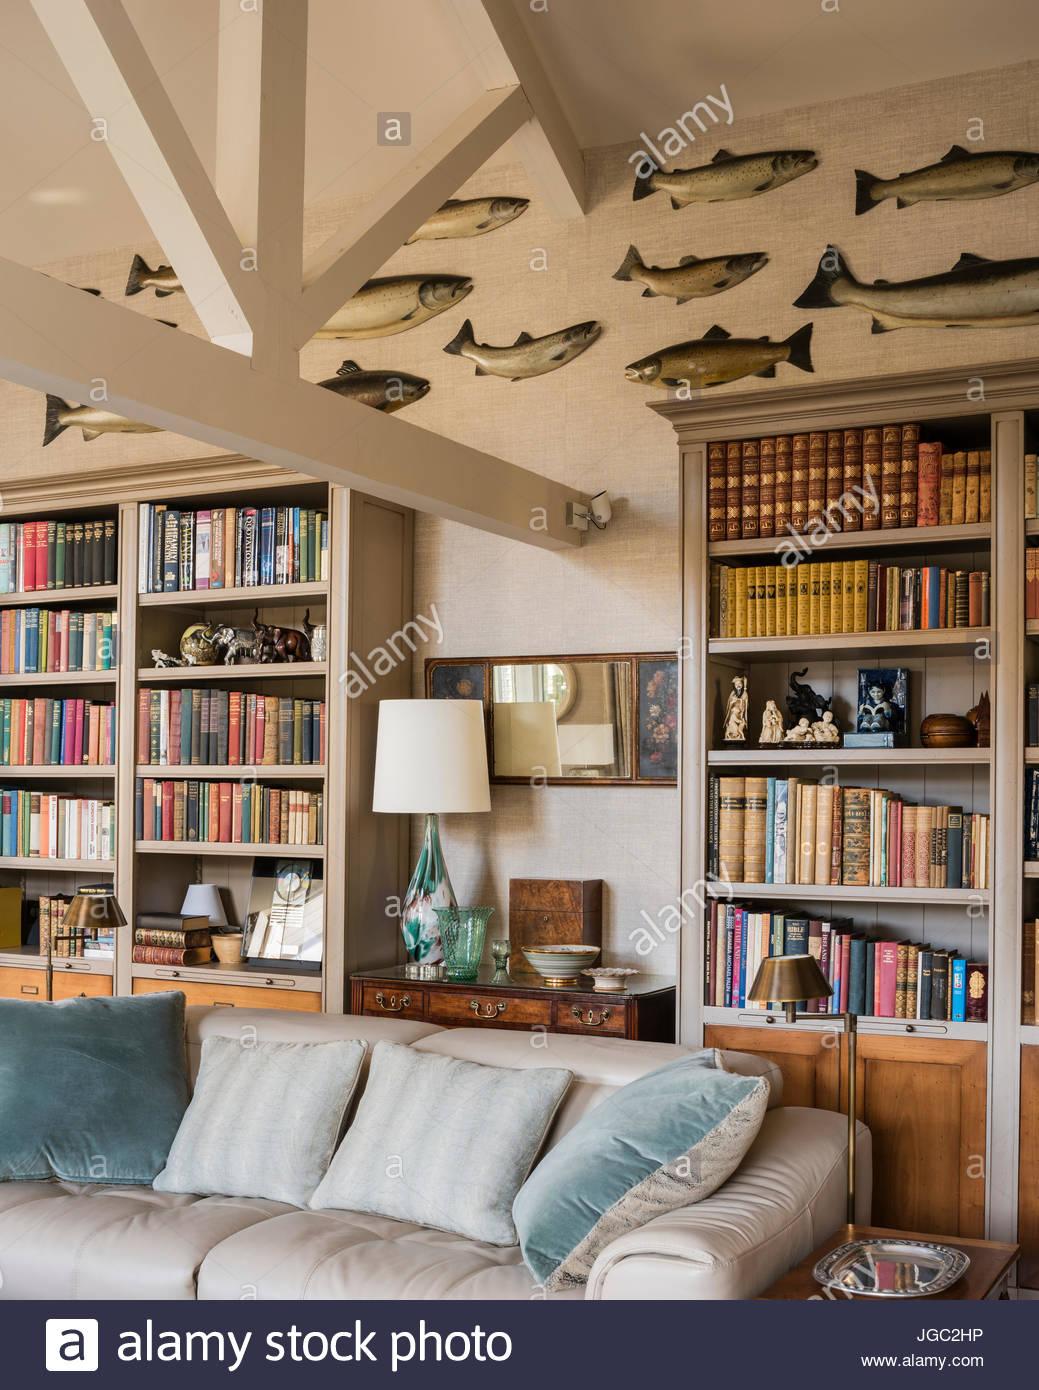 Sammlung Von Wand Fisch über Bücherregale Im Wohnzimmer